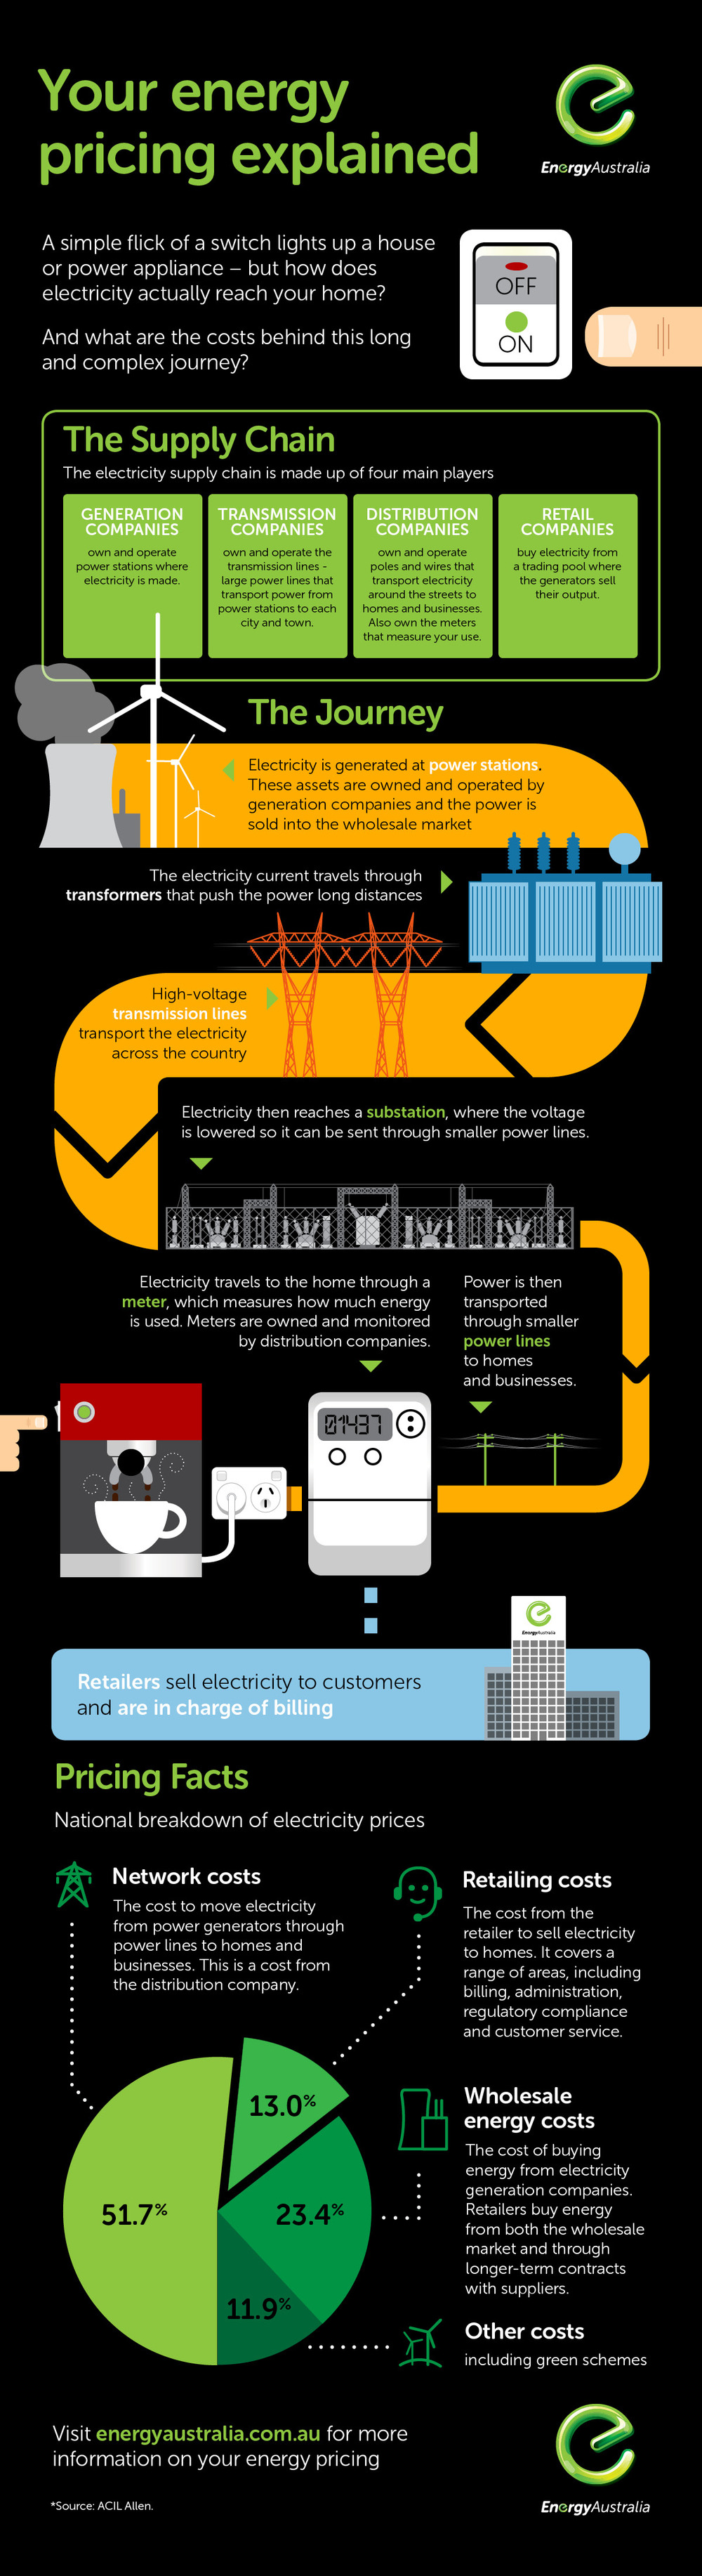 EA0366-reprice-infographic.jpg